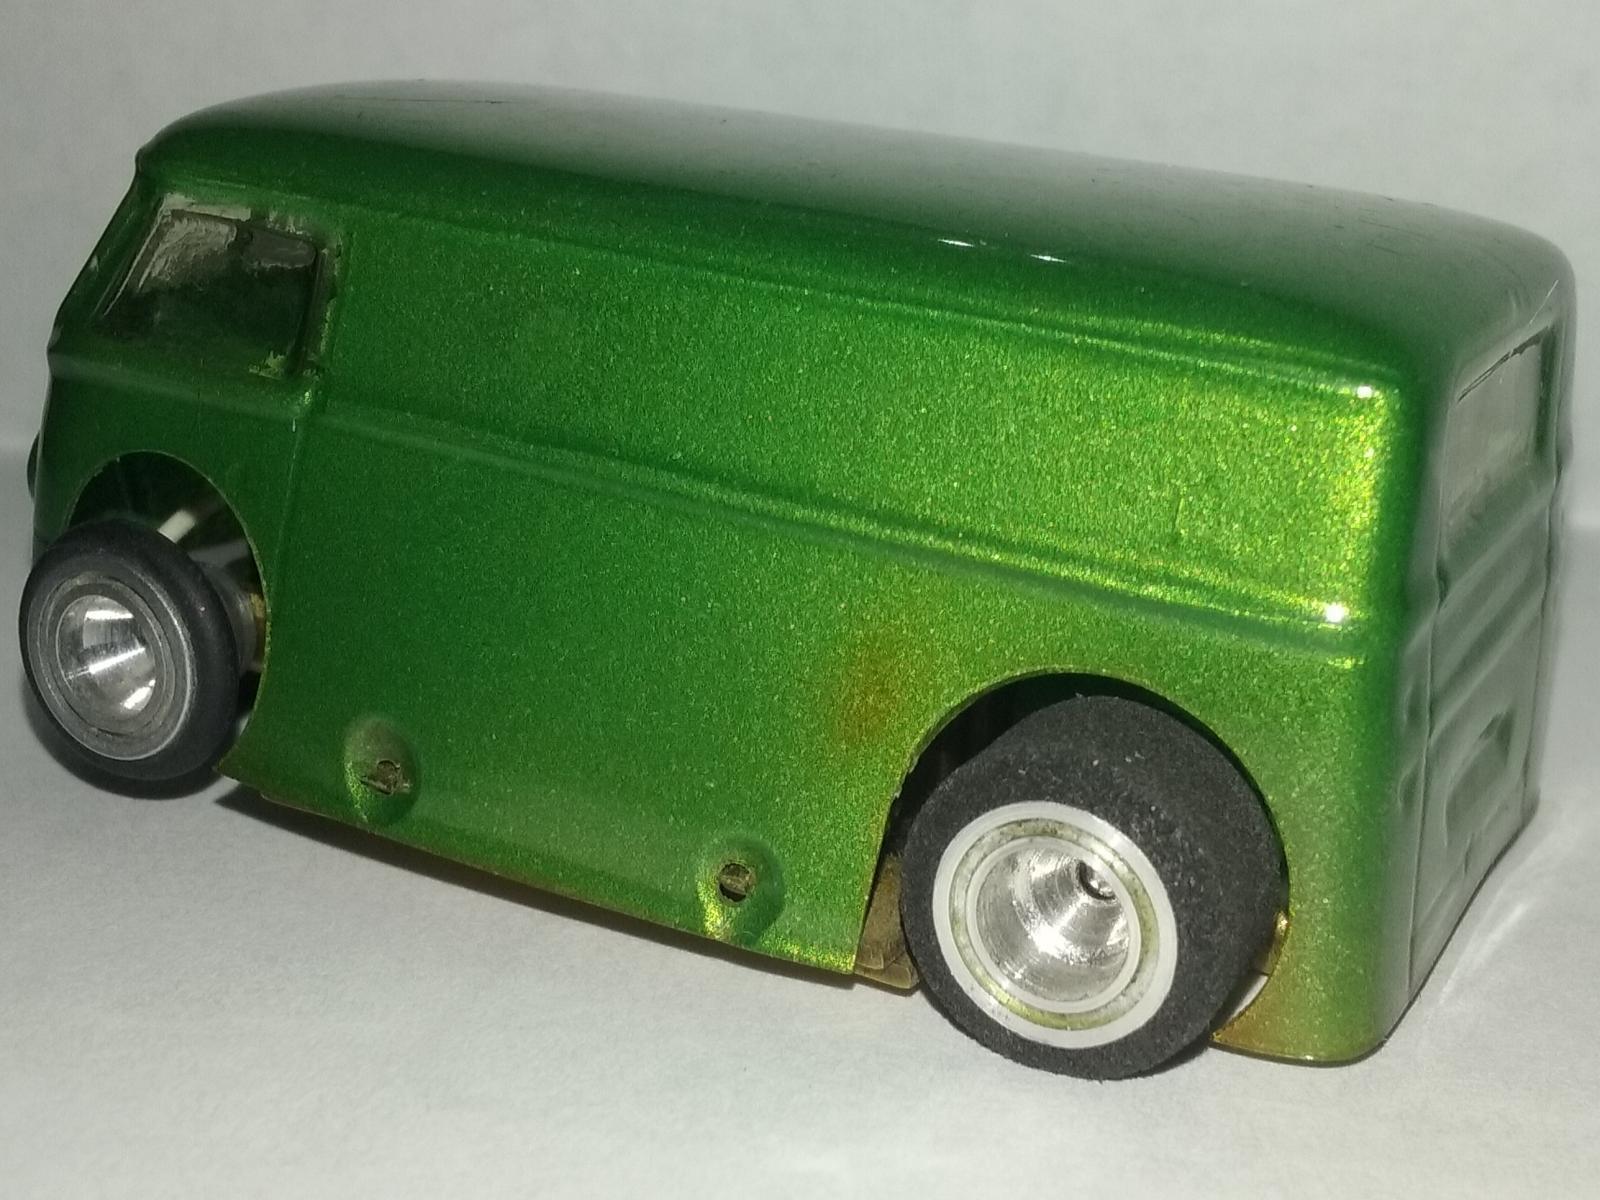 Riggen HO Scale VW Bus Slot Car